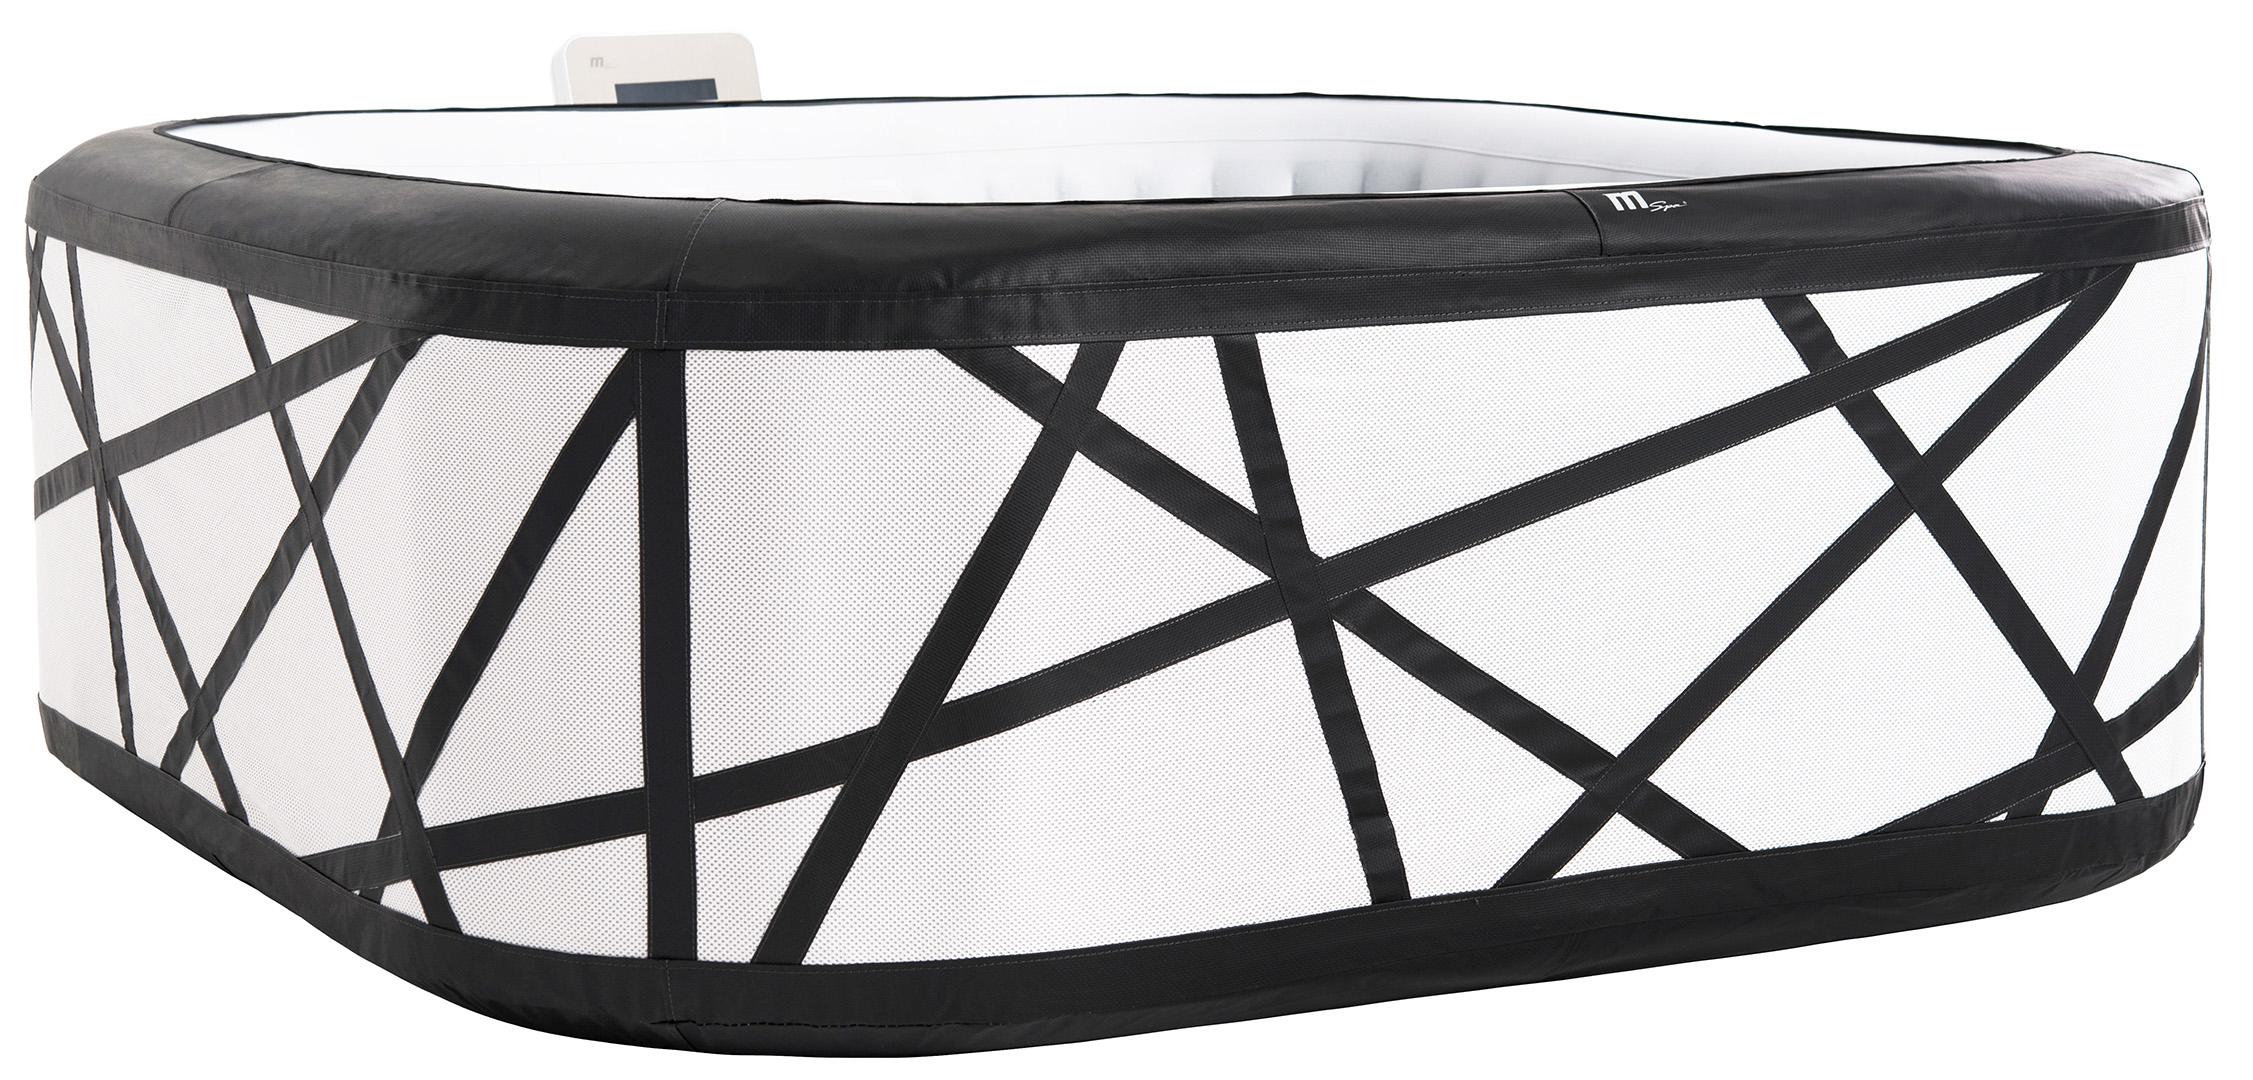 miweba mspa aufblasbarer whirlpool soho. Black Bedroom Furniture Sets. Home Design Ideas